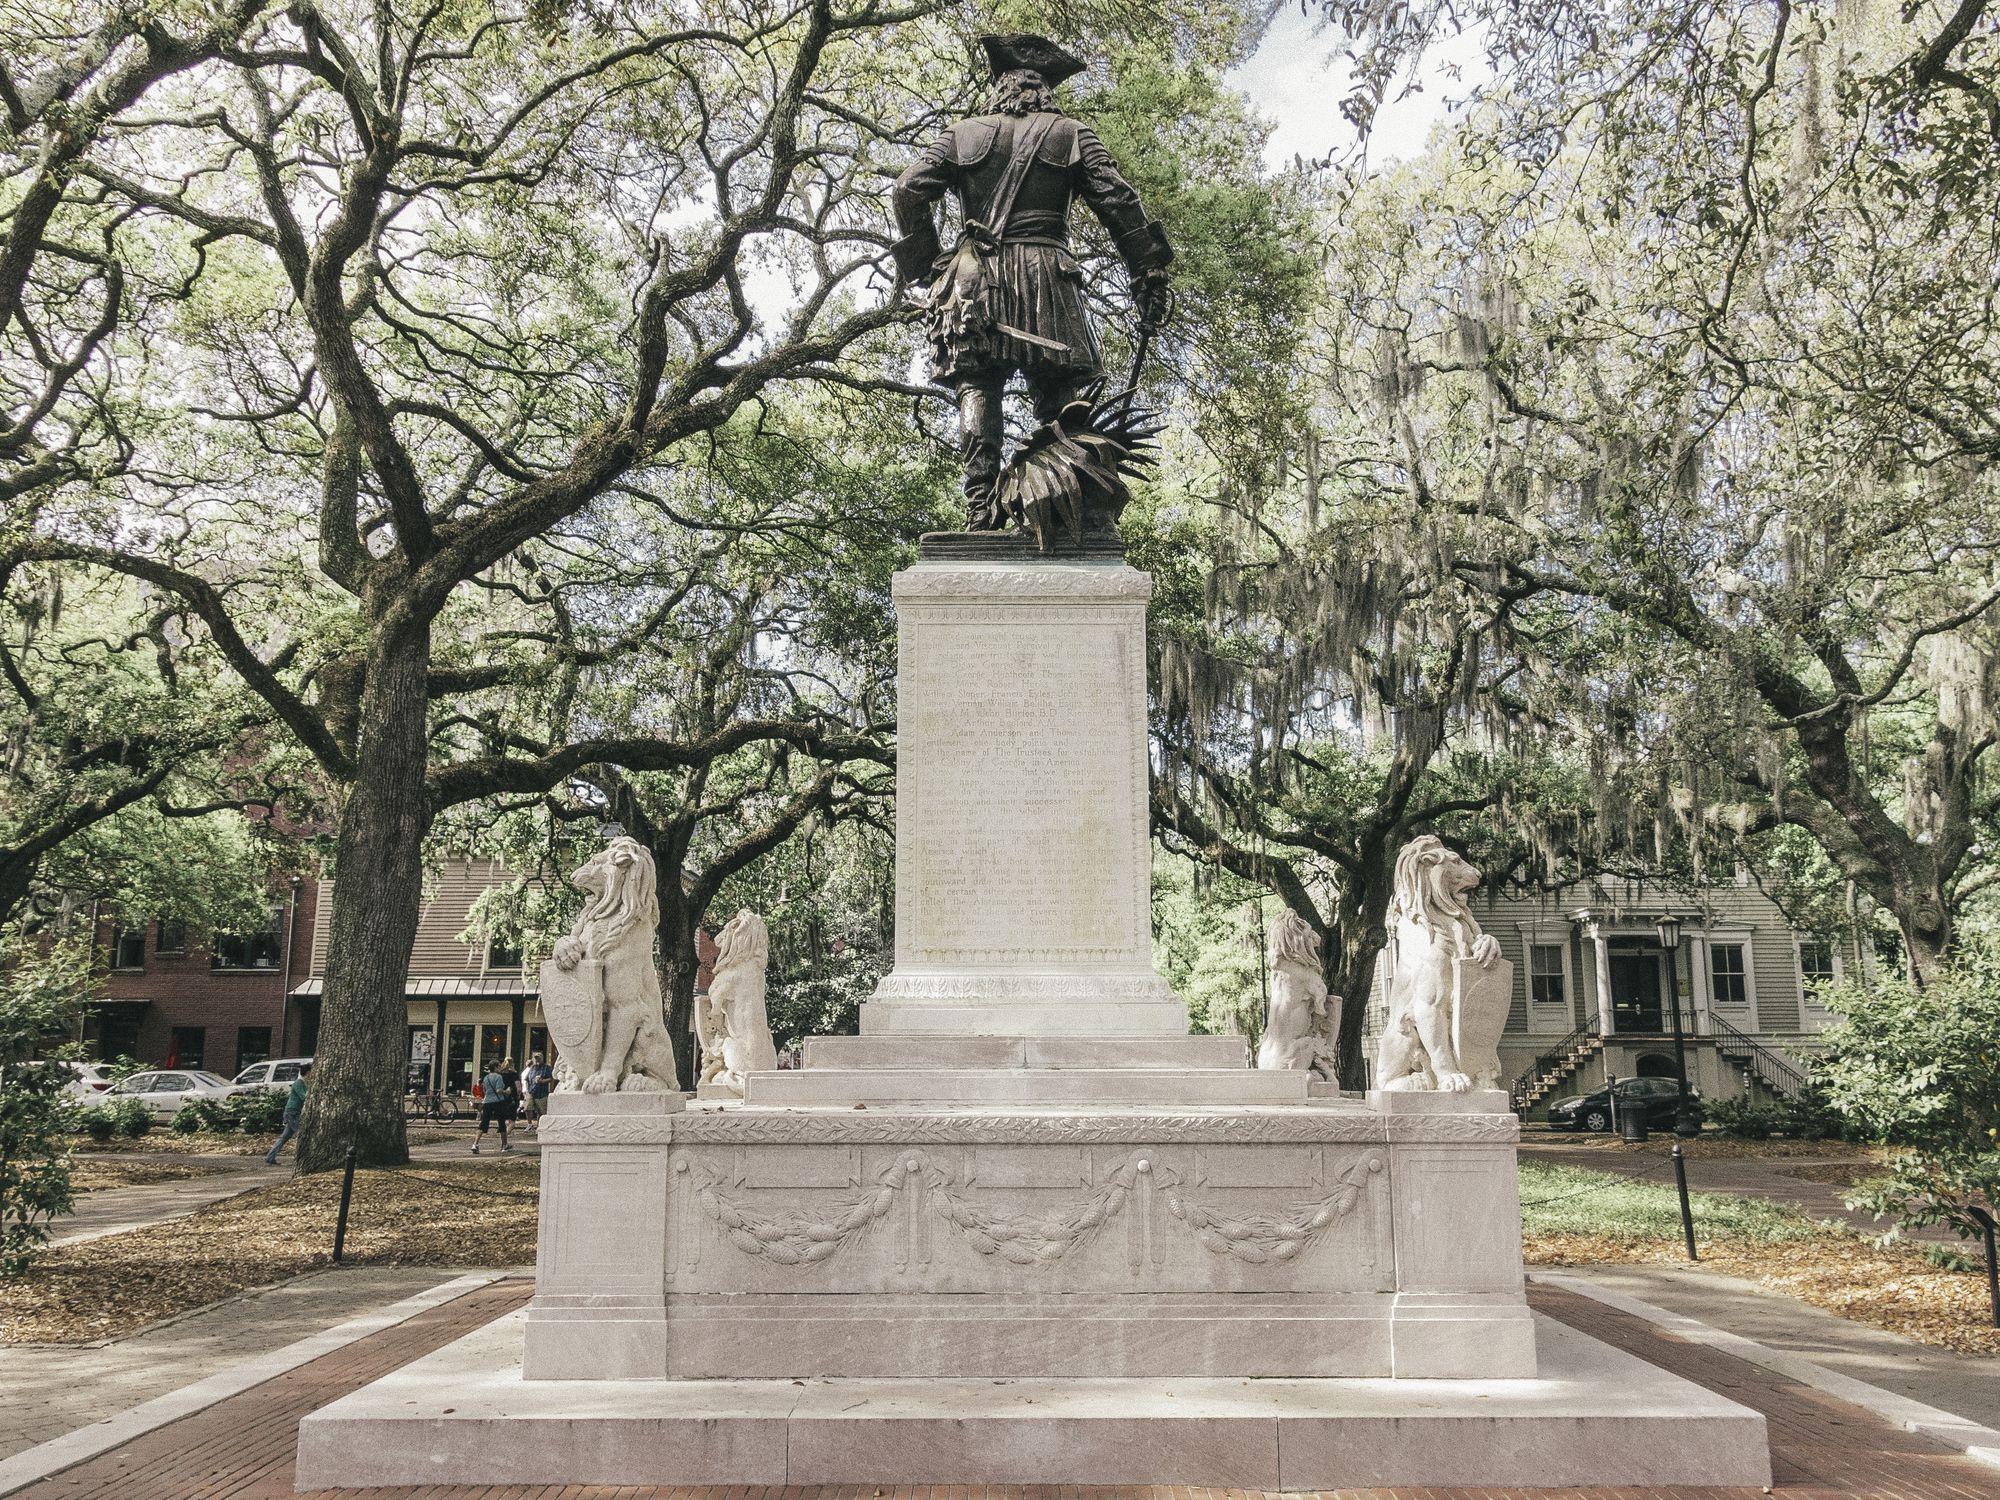 Estatua del general Oglethorpe en Chippewa Square en el centro de Savannah, Georgia